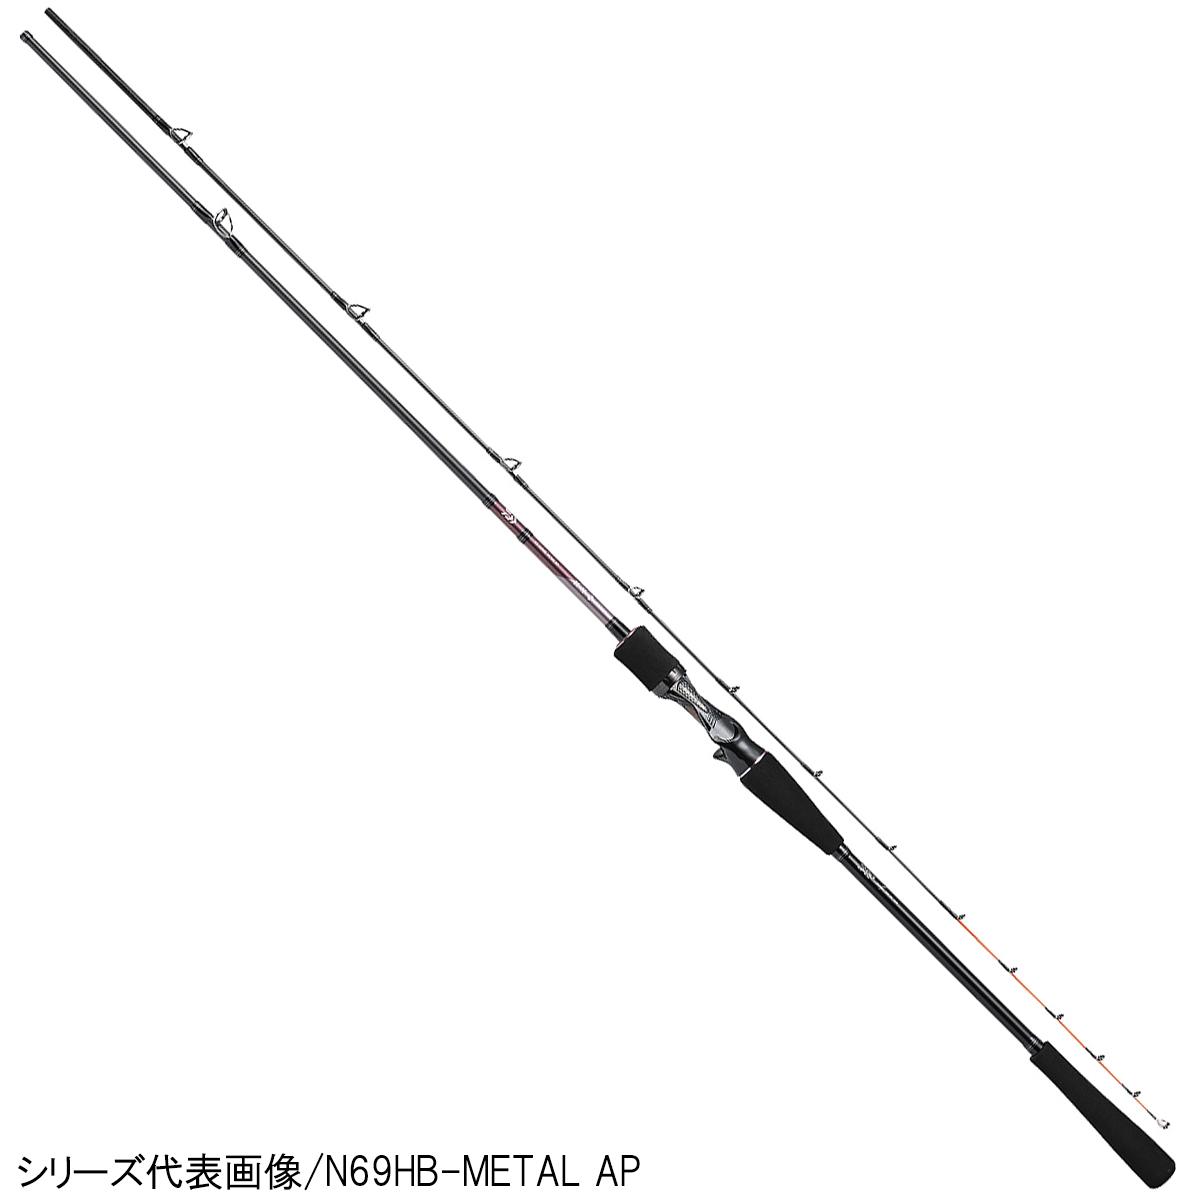 ダイワ 紅牙 MX エアポータブル N70XHB-METAL AP(東日本店)